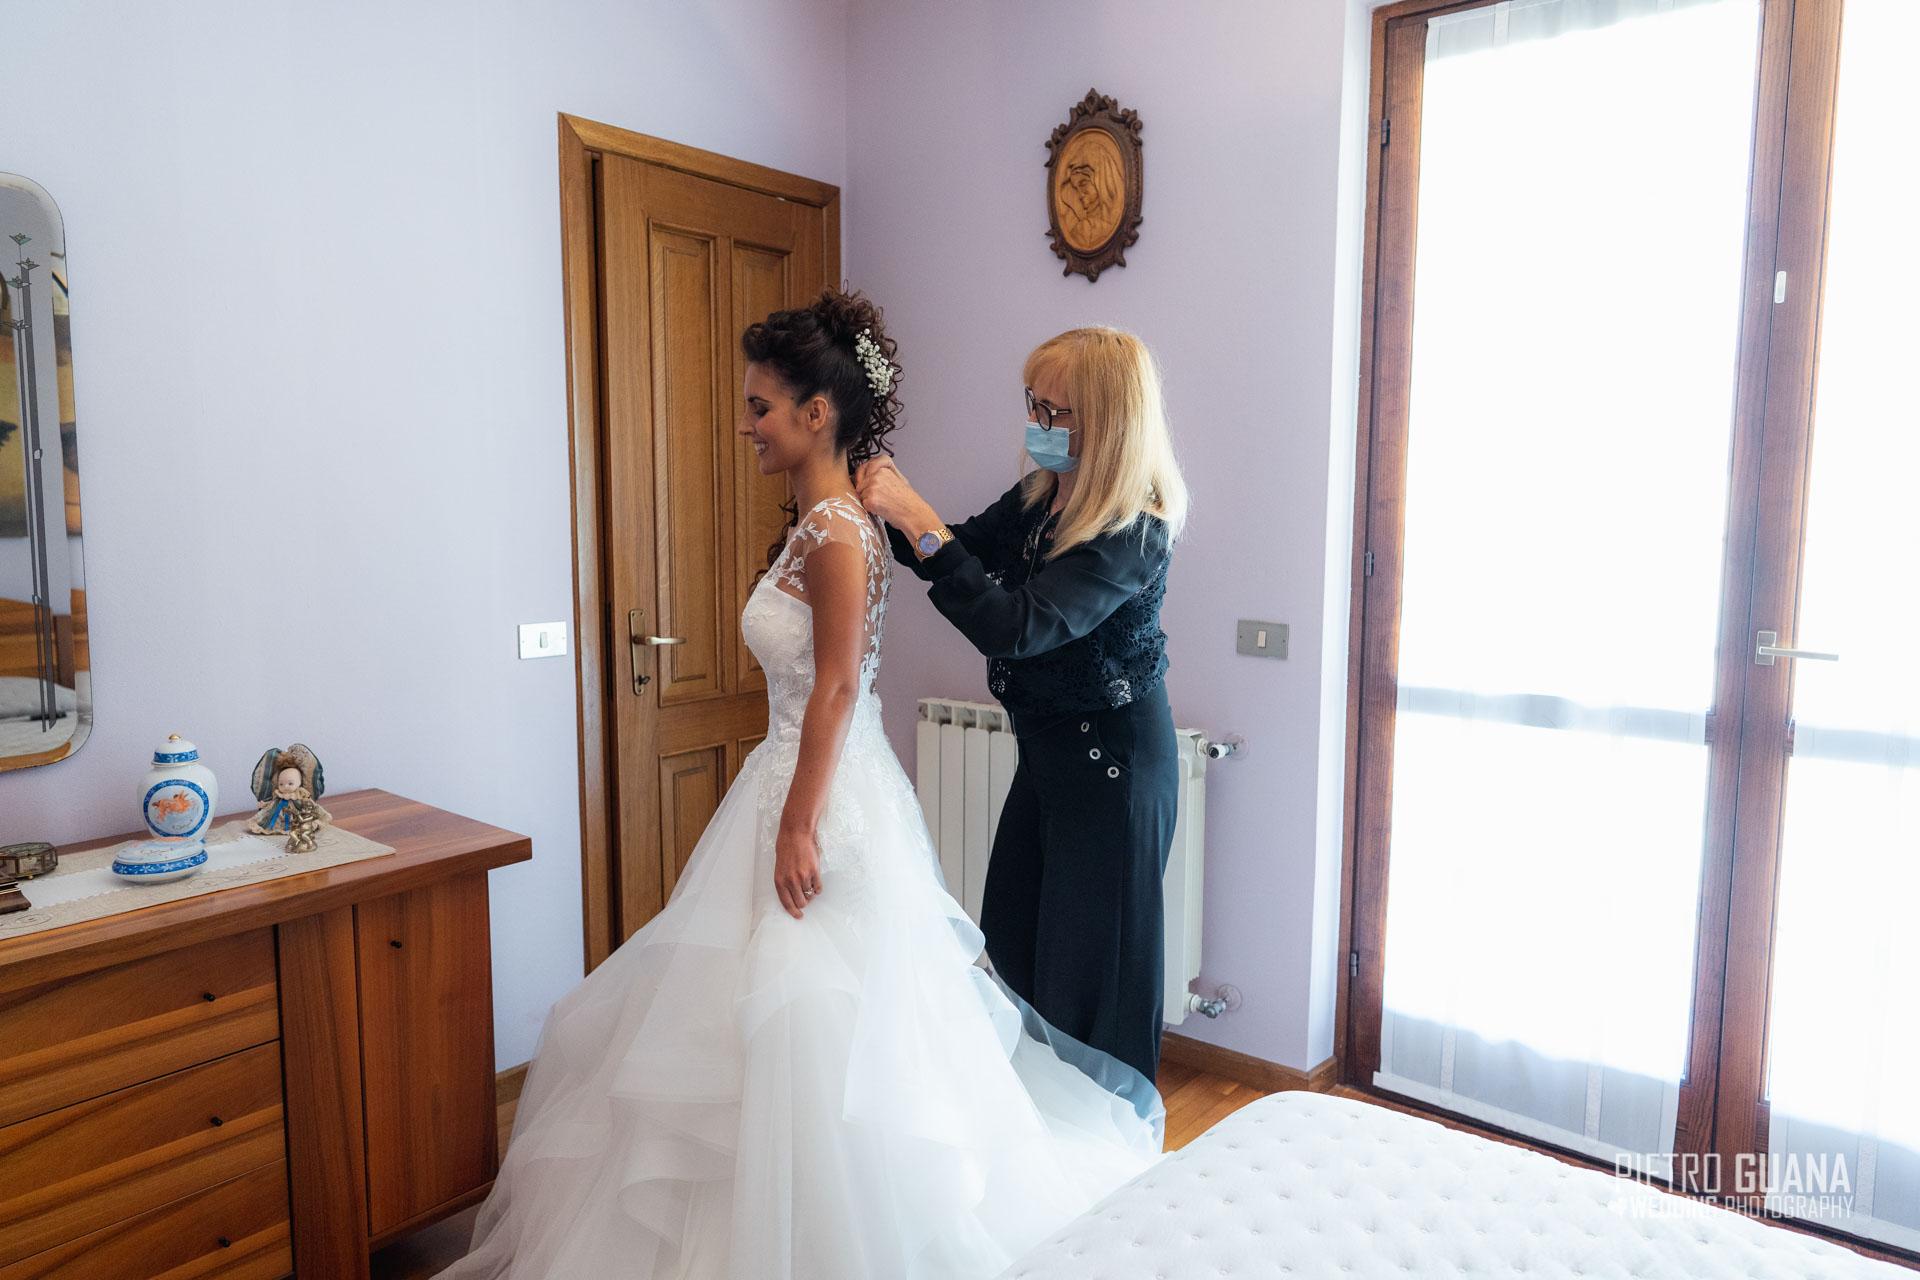 Abito da sposa Idea sposi si Scandella Carolina